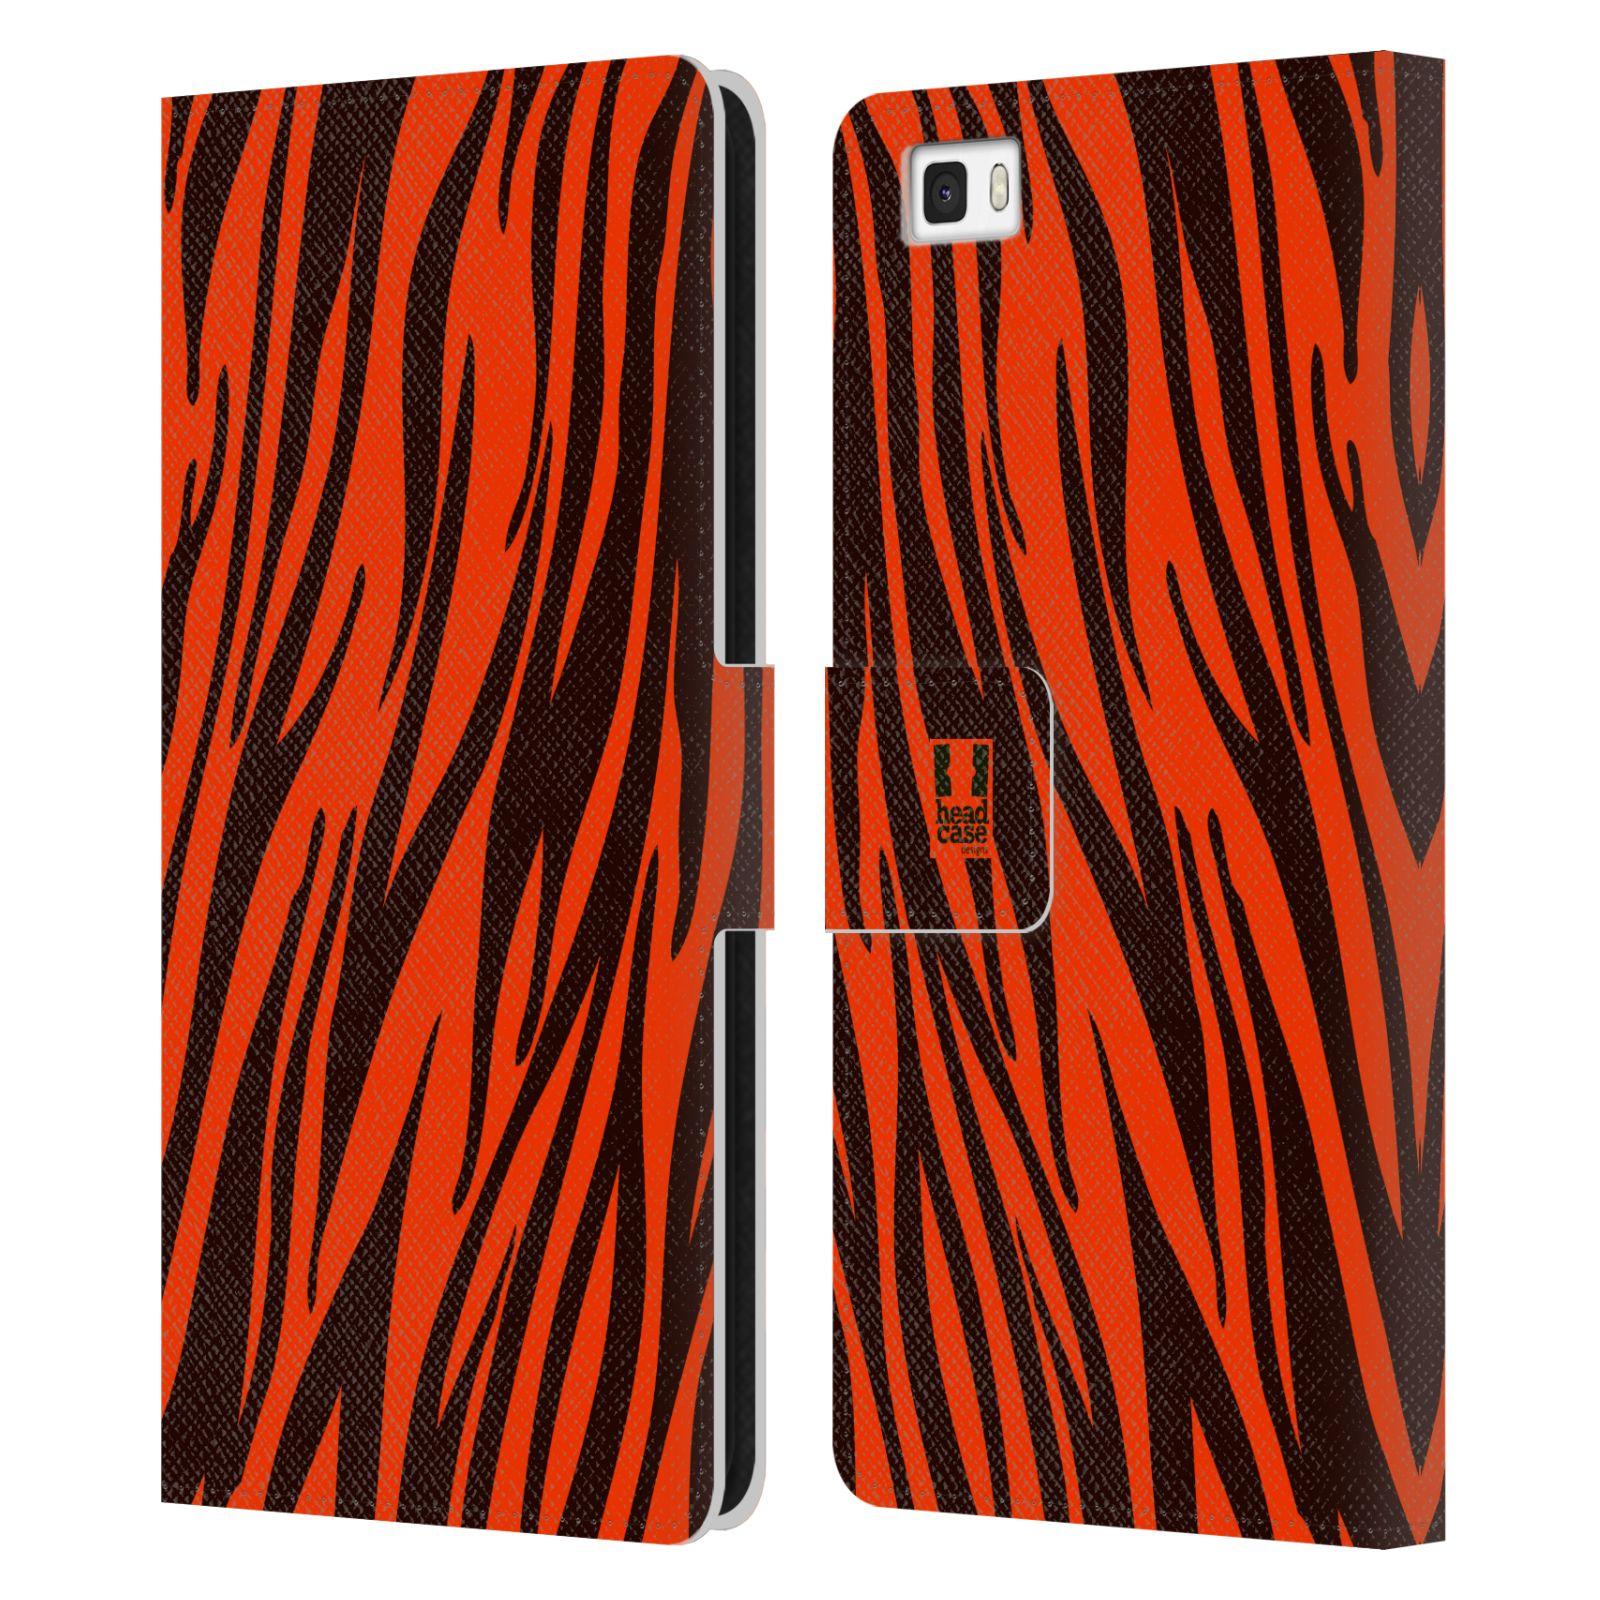 HEAD CASE Flipové pouzdro pro mobil Huawei P8 LITE Zvířecí barevné vzory oranžový tygr